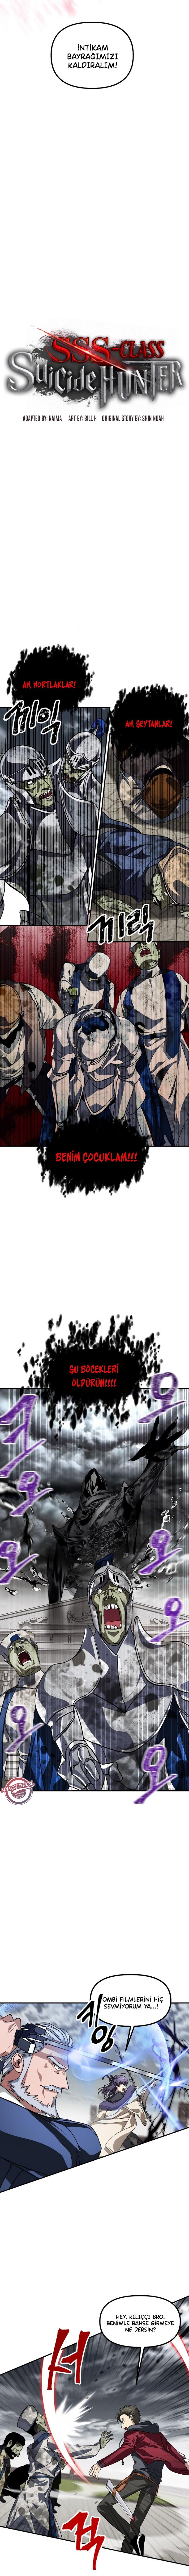 sss-class-suicide-hunter38-bolum